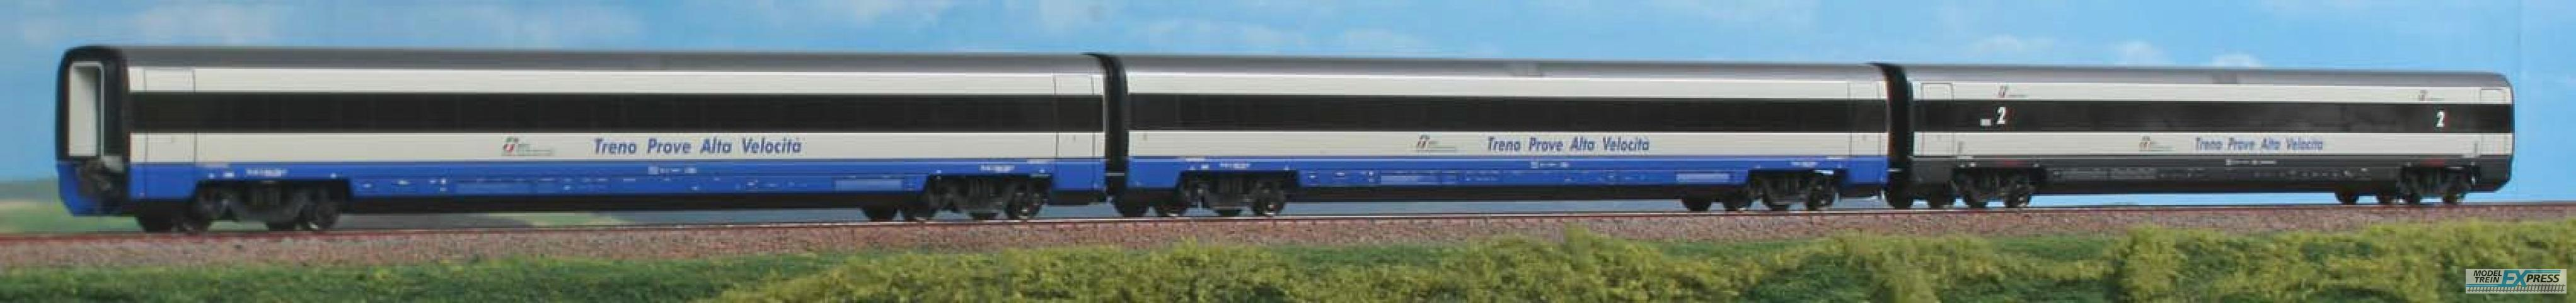 ACME 70071